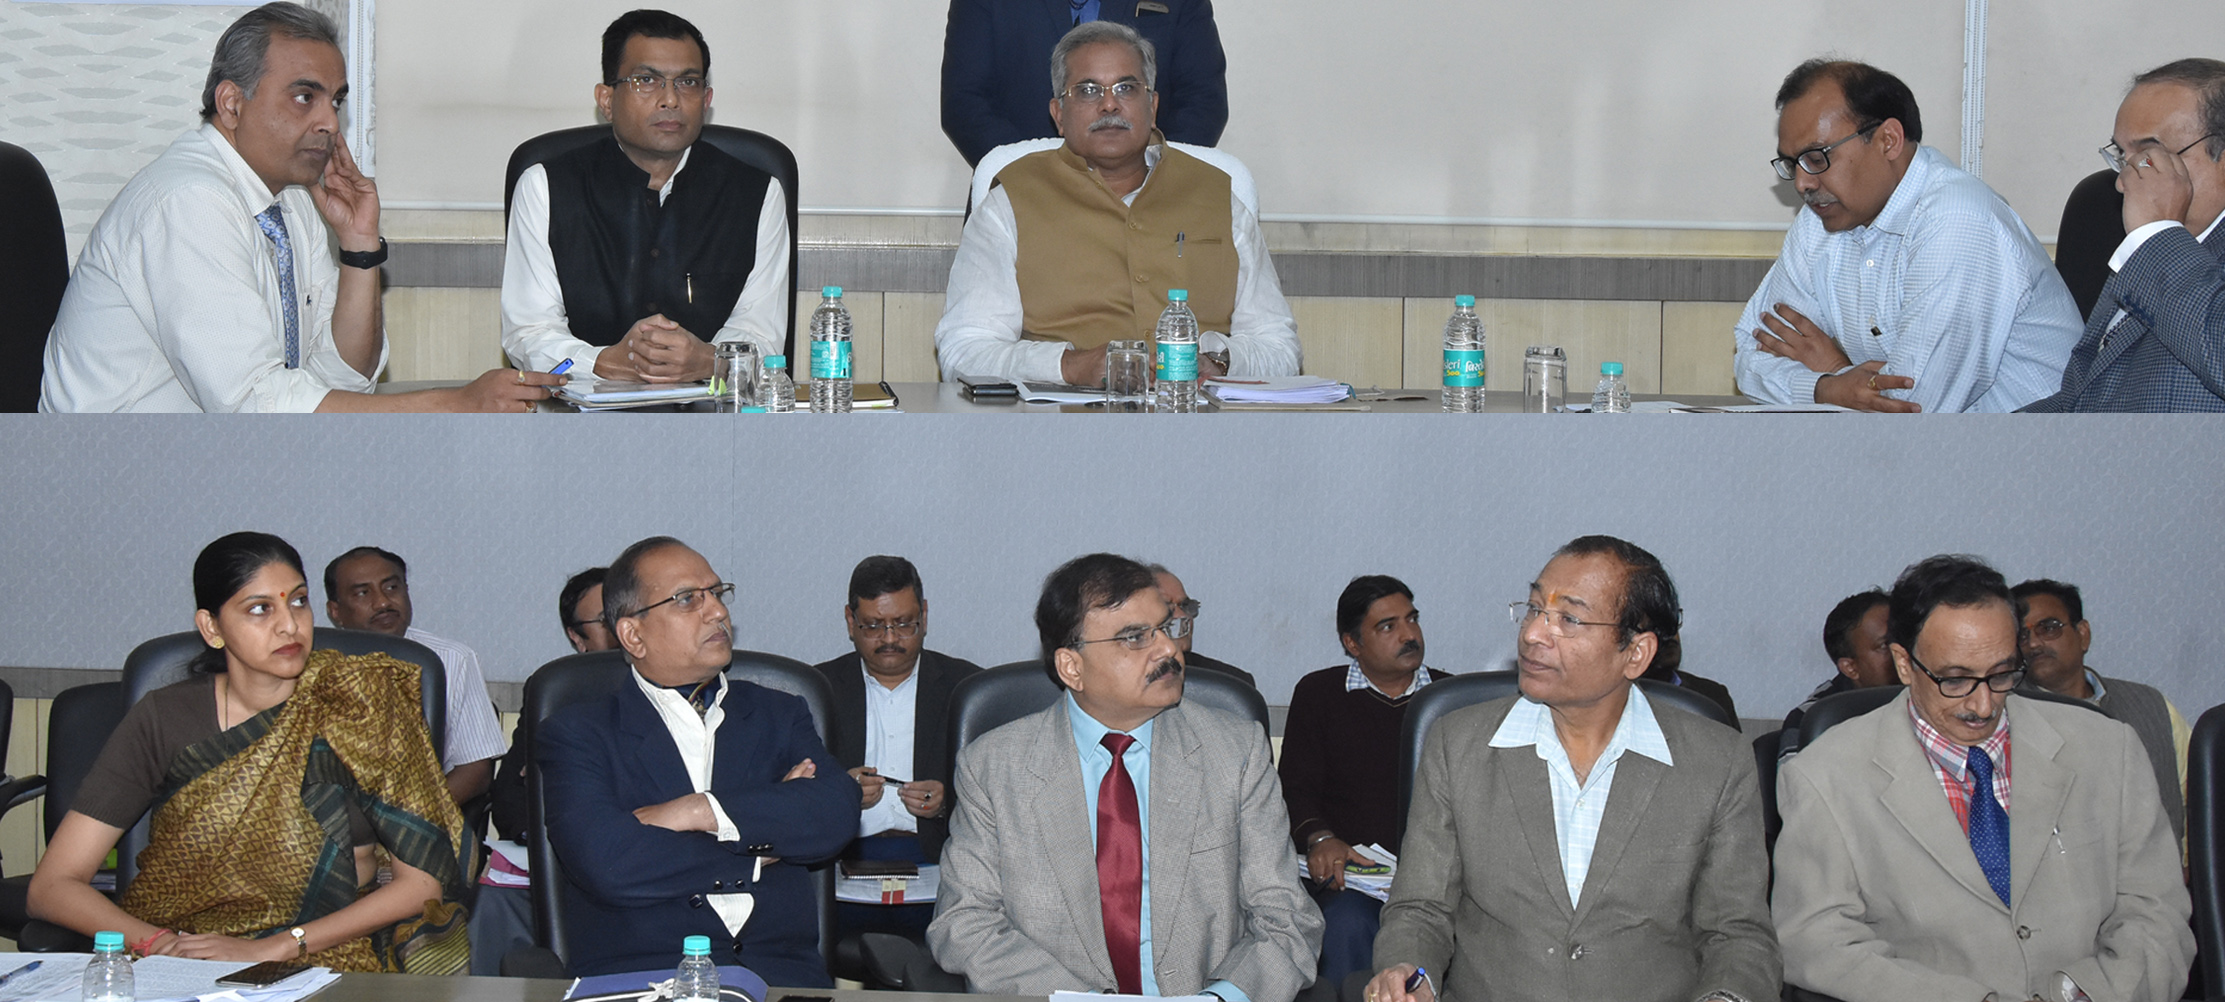 मुख्यमंत्री की अध्यक्षता में मंत्रिपरिषद की बैठक के महत्वपूर्ण निर्णय